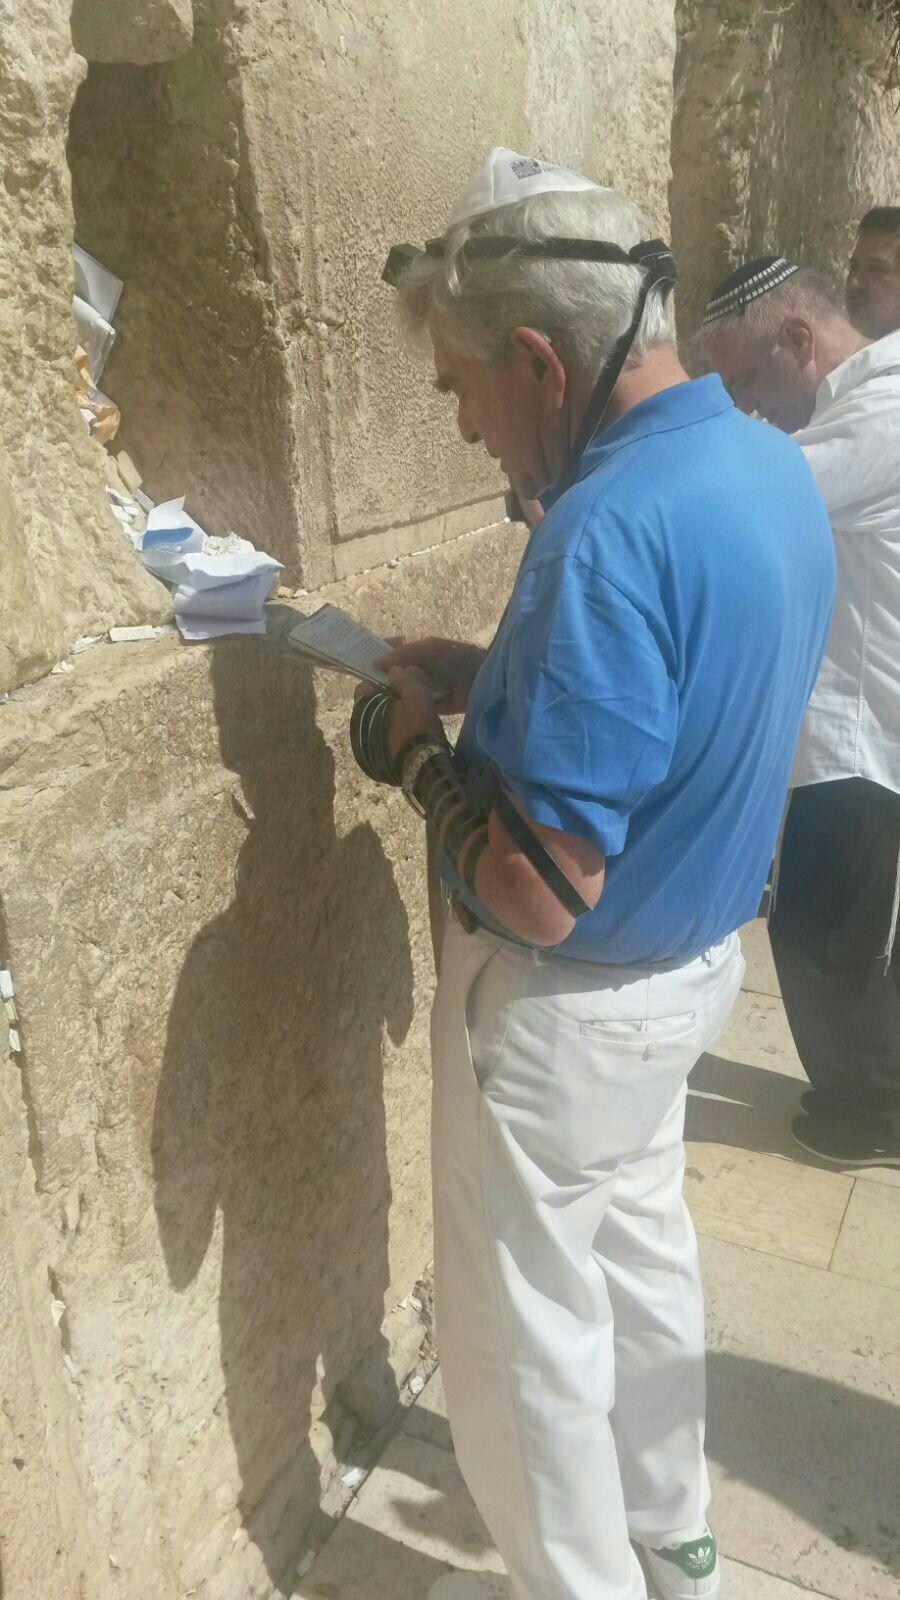 האם ראלף לורן התפלל היום בכותל המערבי?